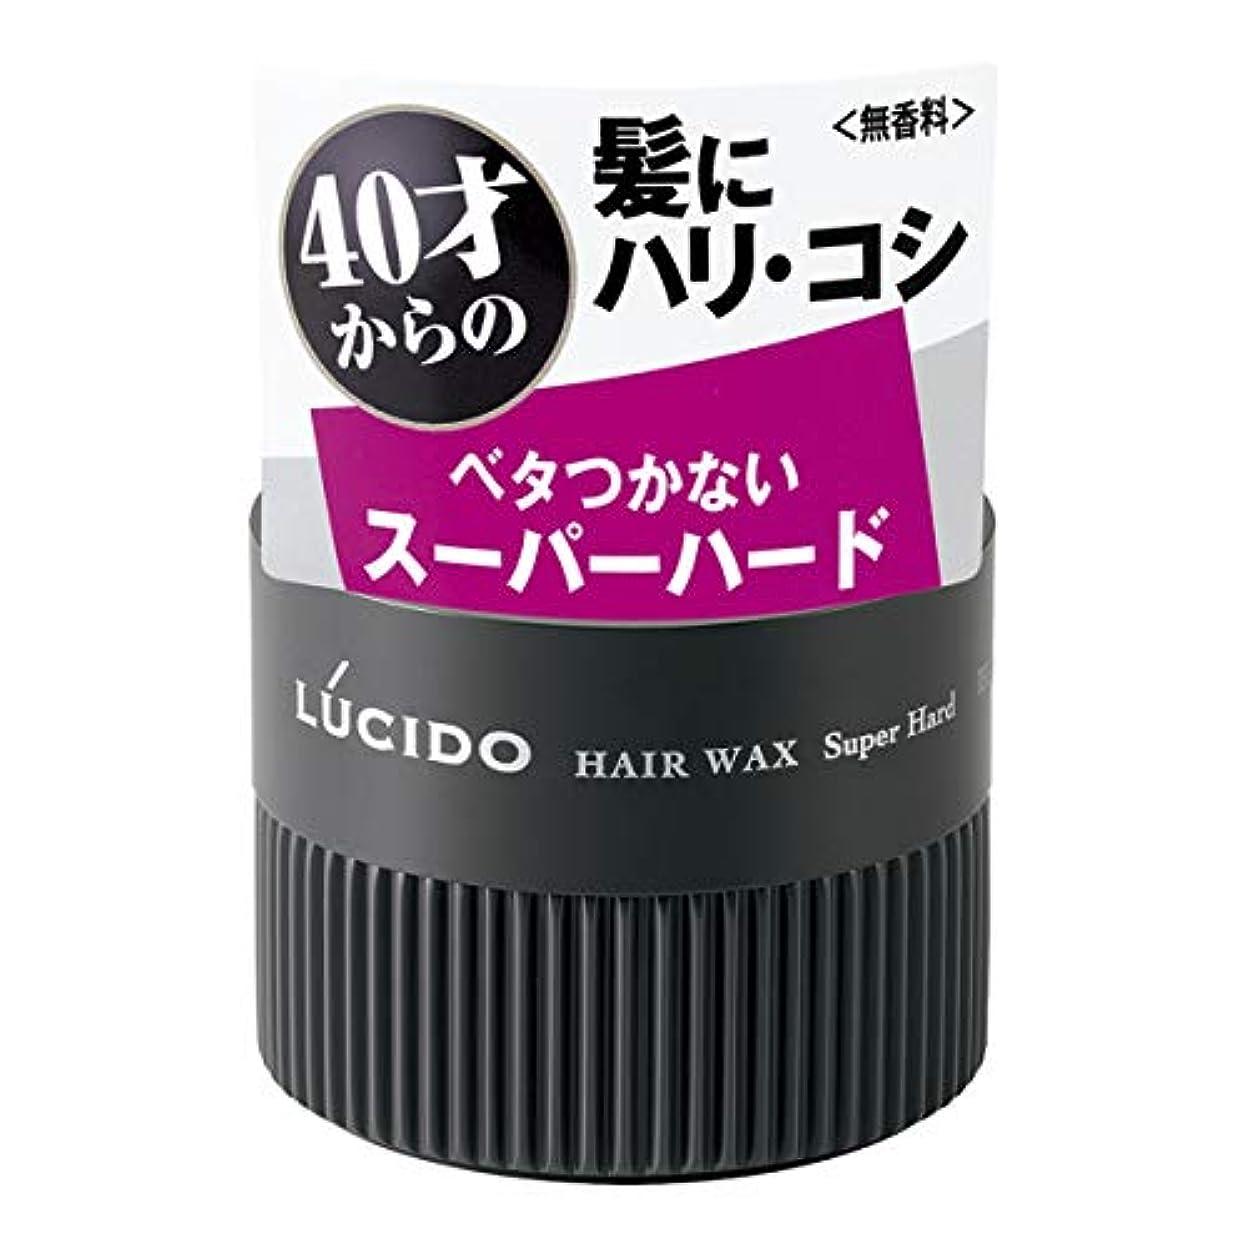 LUCIDO(ルシード) ヘアワックス スーパーハード 80g